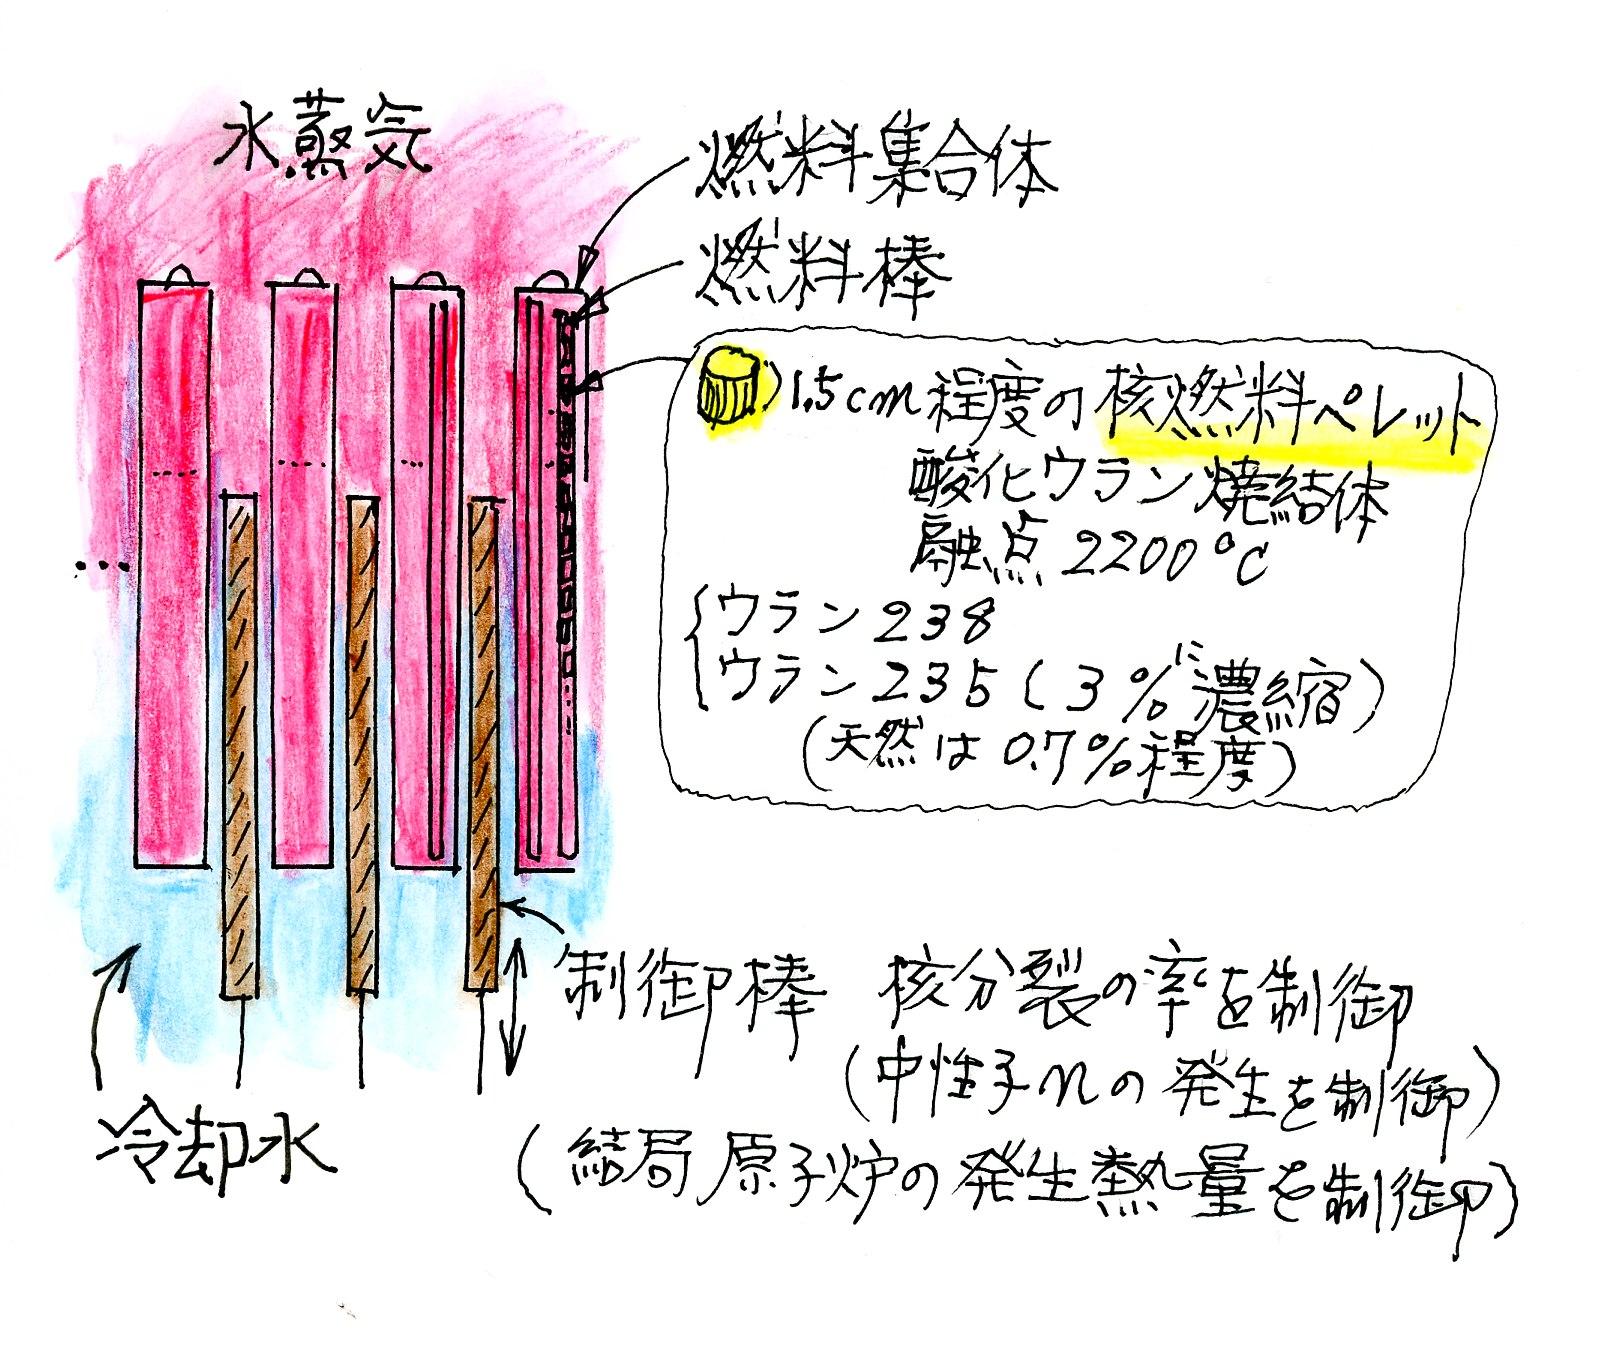 帆掛船-energy-タグ別アーカイブ: 陽子と水素の差?核分裂を問う